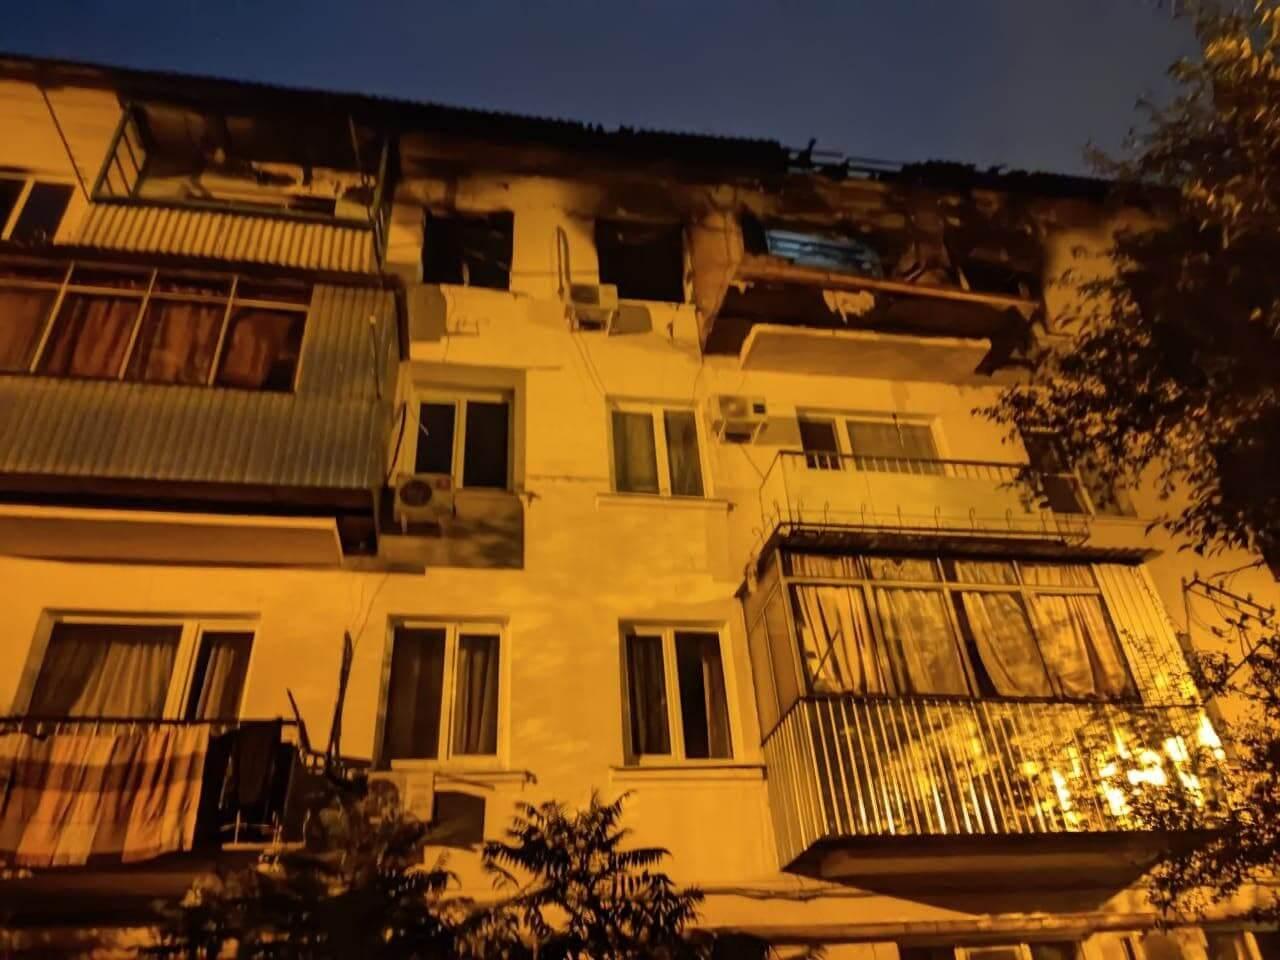 В Краснодаре из-за хлопка бытового газа произошел пожар в многоэтажке